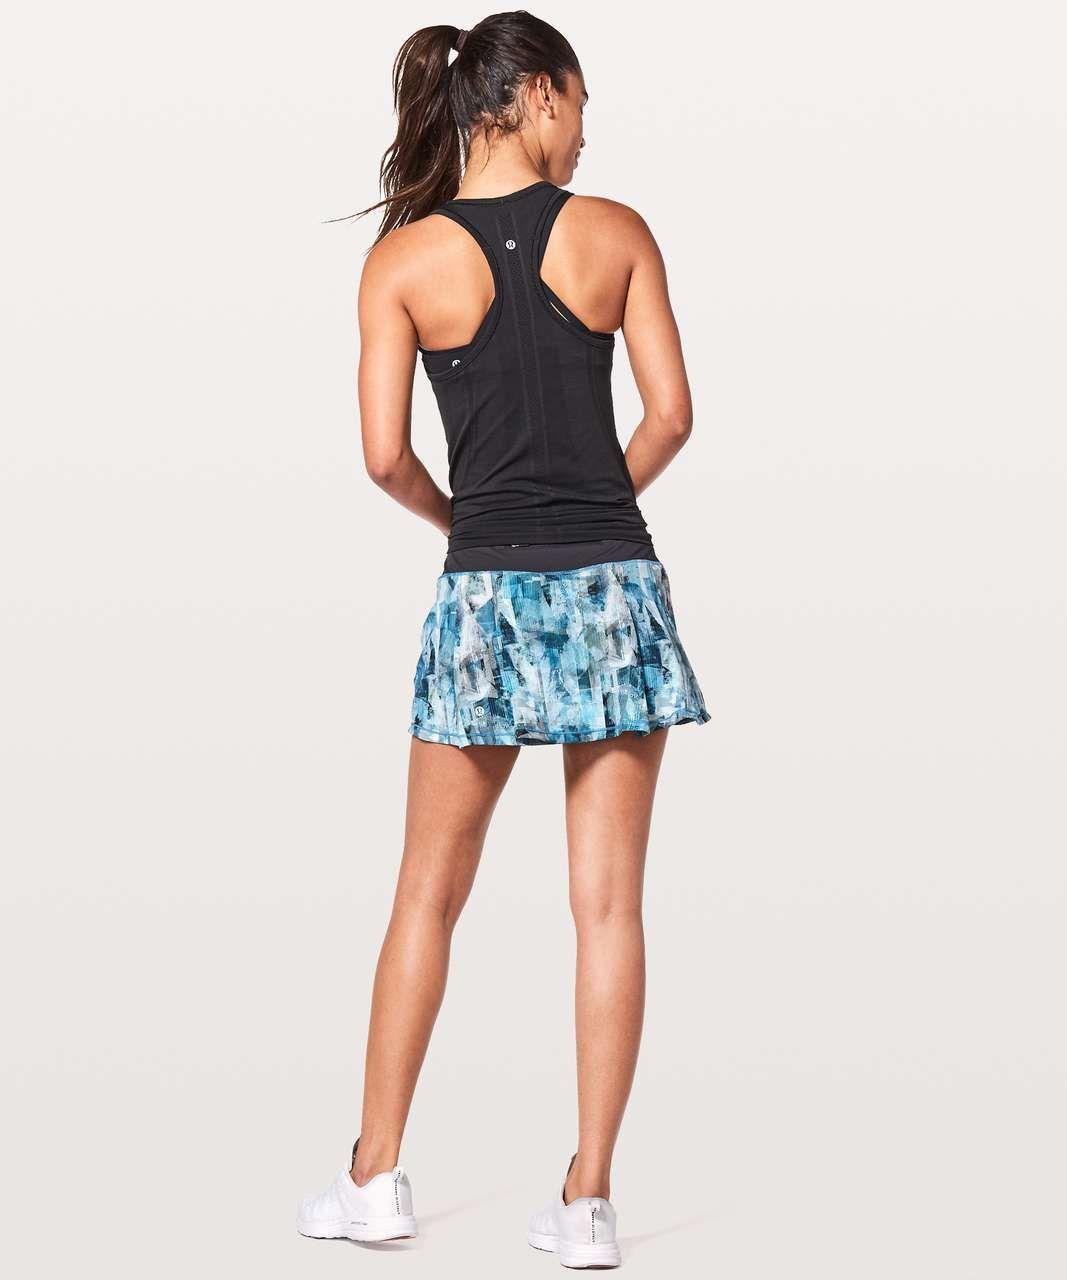 b892e3e983 Lululemon Pace Rival Skirt (Regular) *No Panels - Sun Dazed Multi Blue /  Super Dark